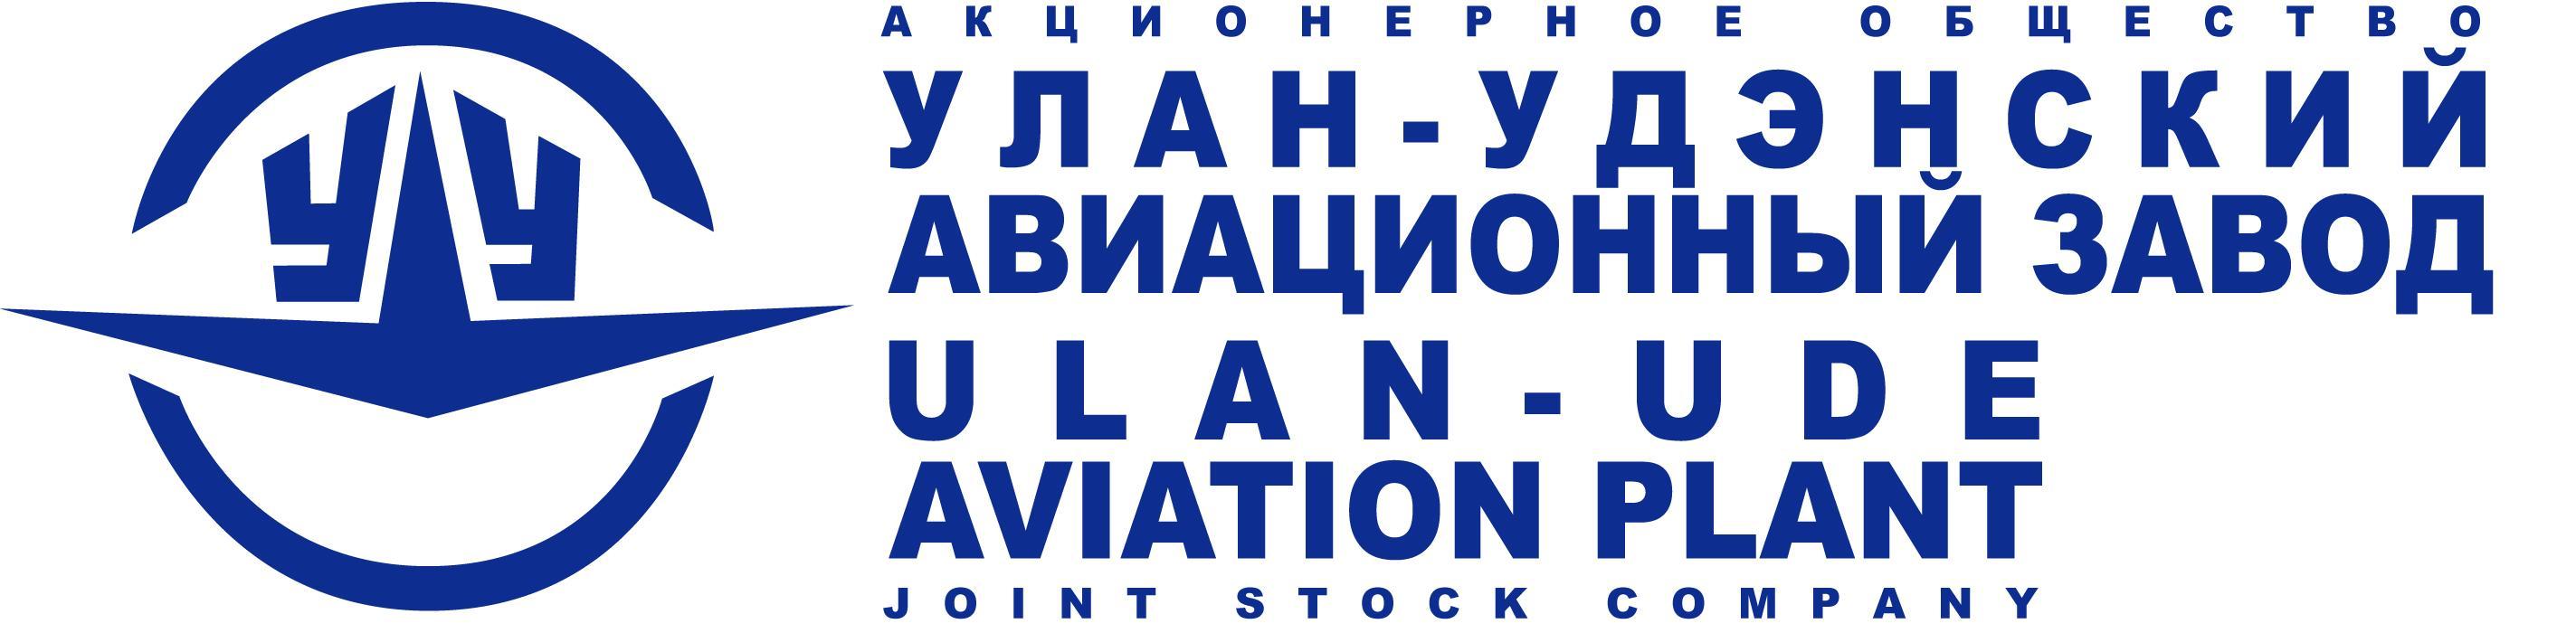 улан удэ авиационный завод